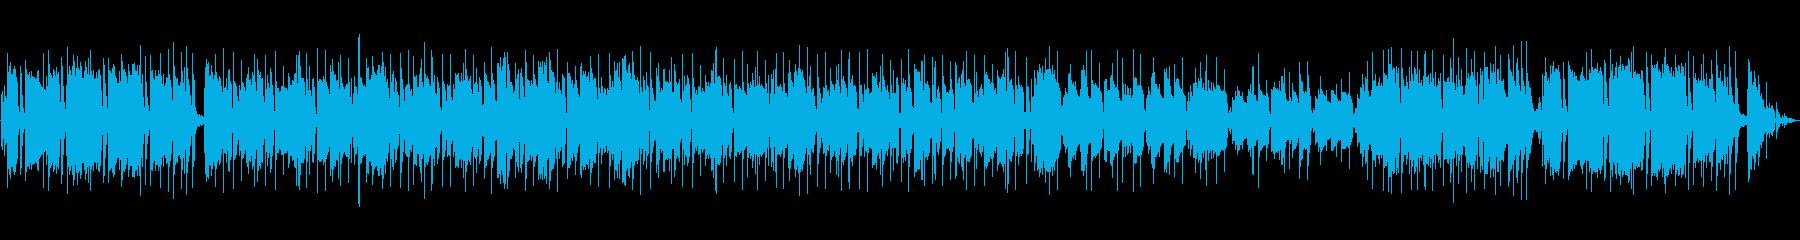 日常っぽい曲の再生済みの波形